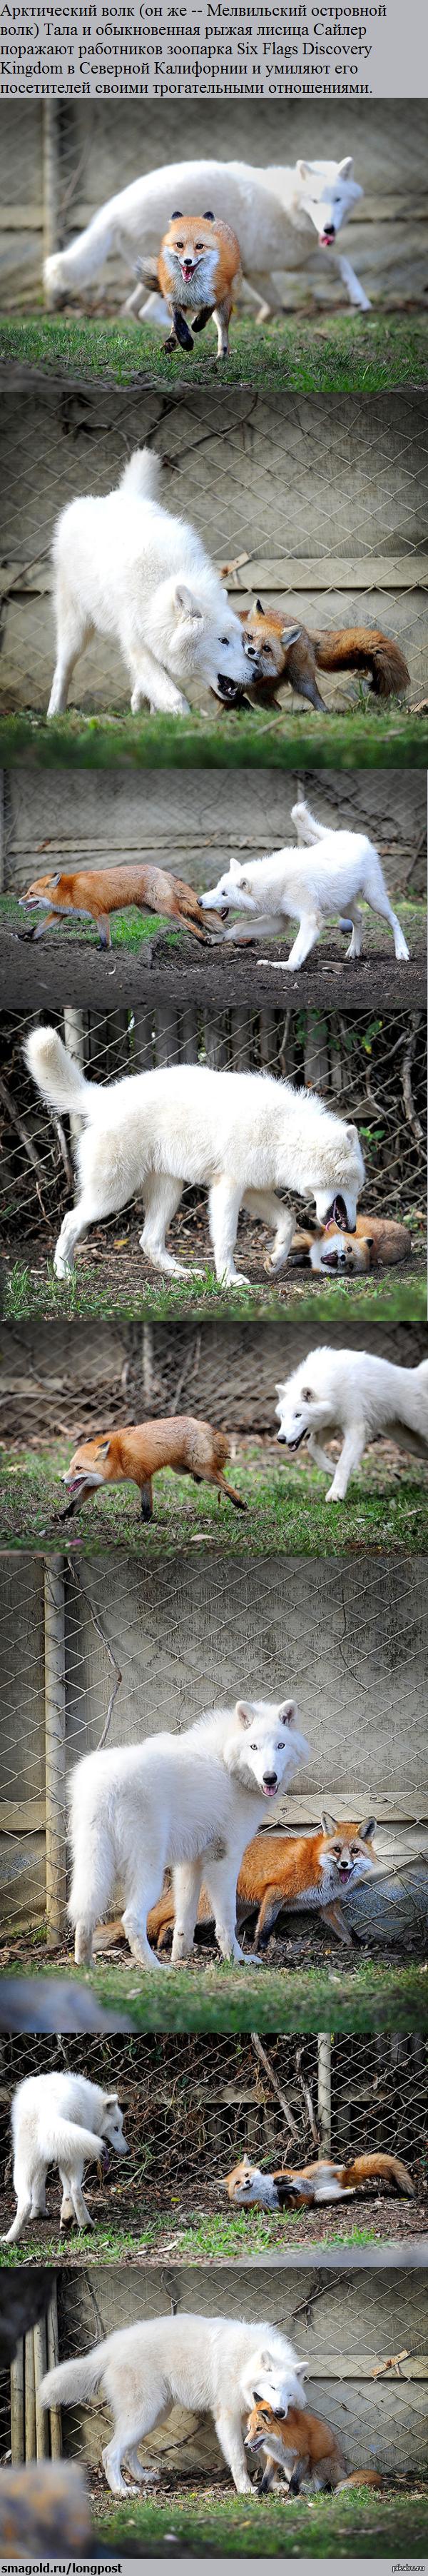 Даже два конкурирующих вида дружат…а мы люди грыземся. Имя лисицы порадовало :)) лиса, дружба, Милости, длиннопост